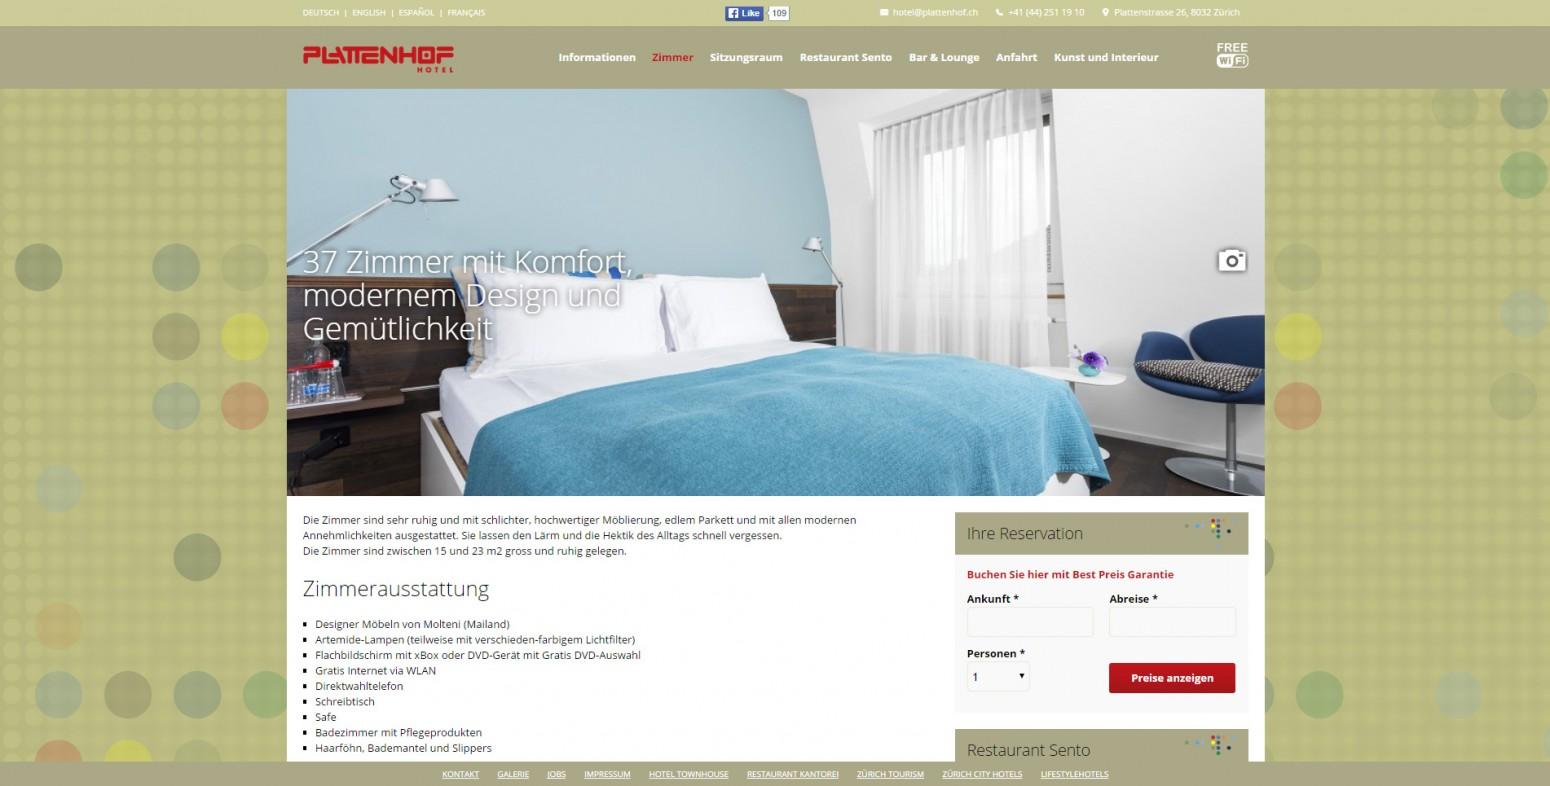 Hotel plattenhof gianluca leone for Design hotel plattenhof